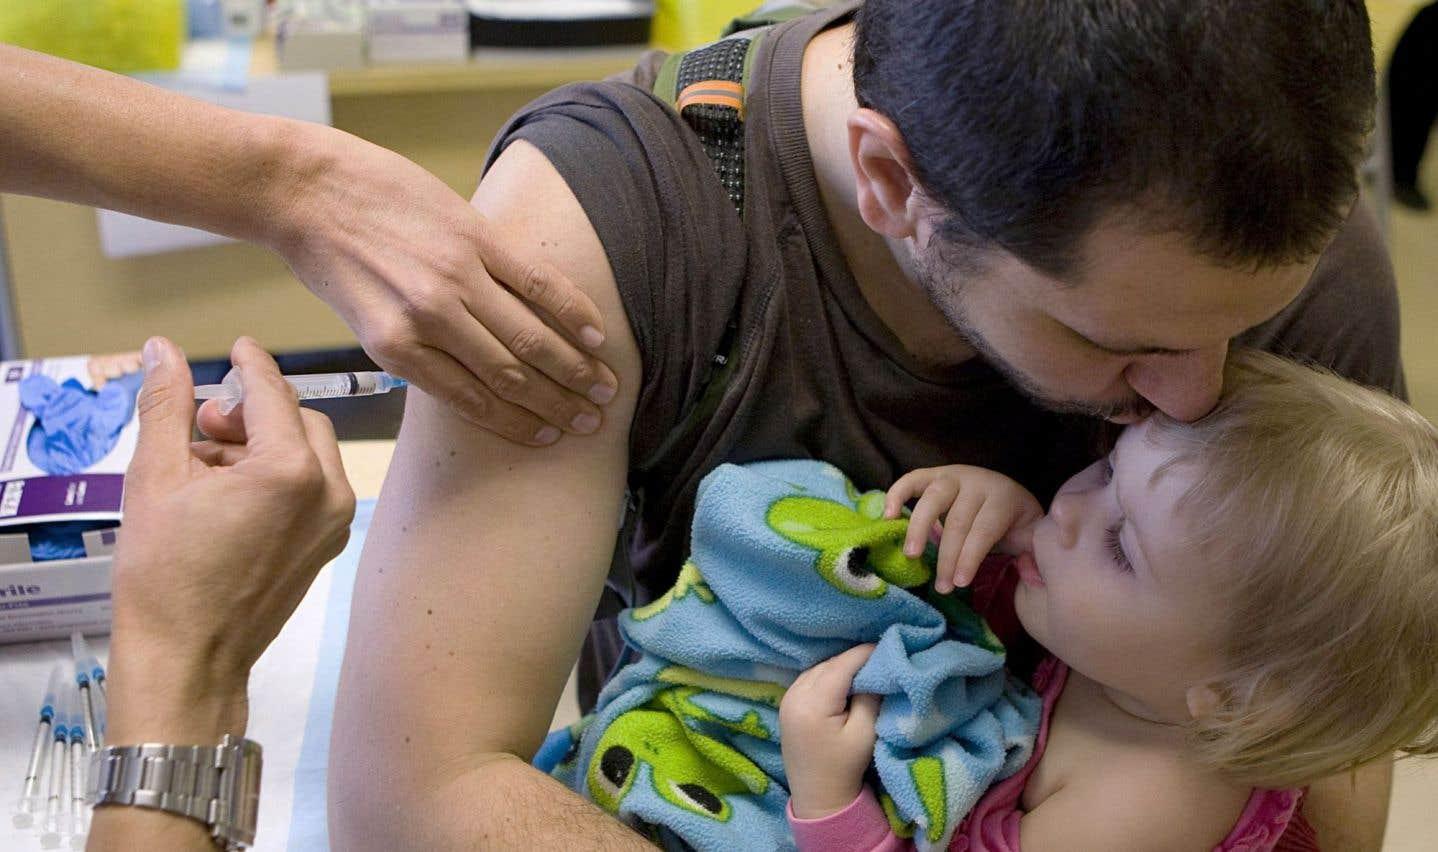 La fin des frais accessoires fait craindre pour la vaccination